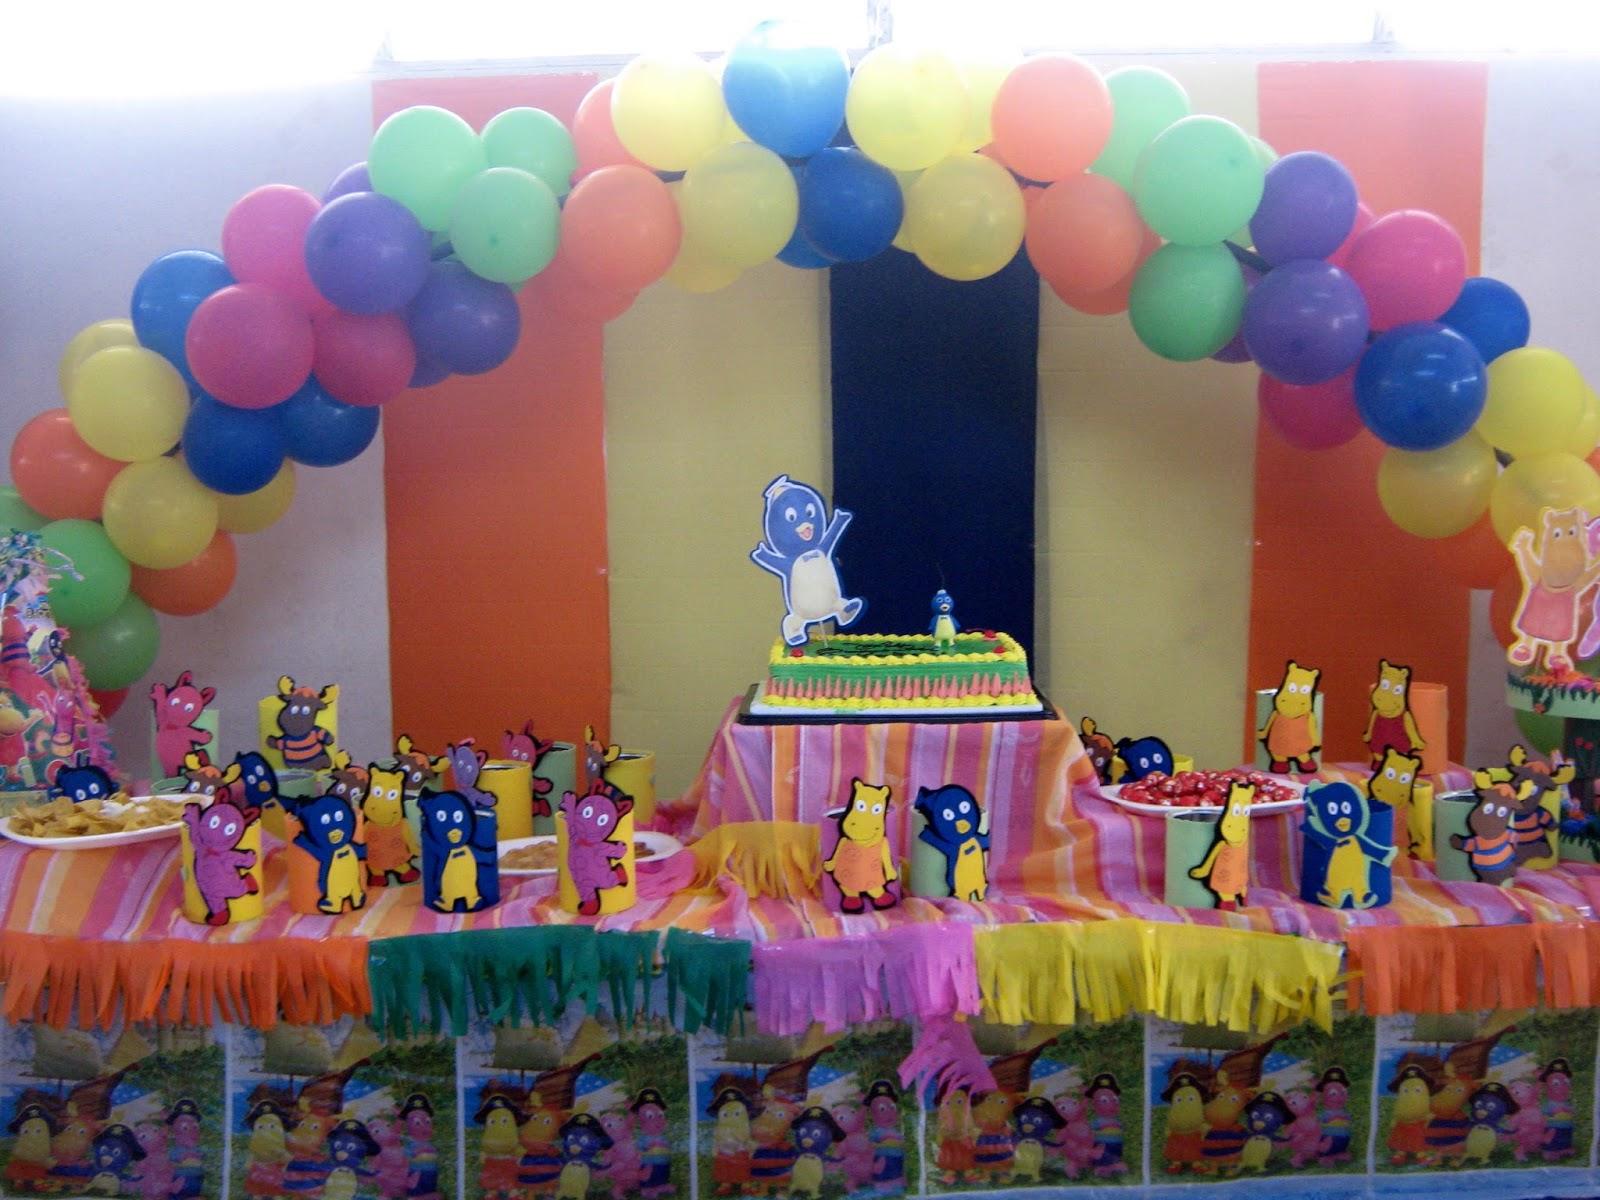 Decoraci n de fiestas infantiles decoraci n con globos for Decoracion globos valencia